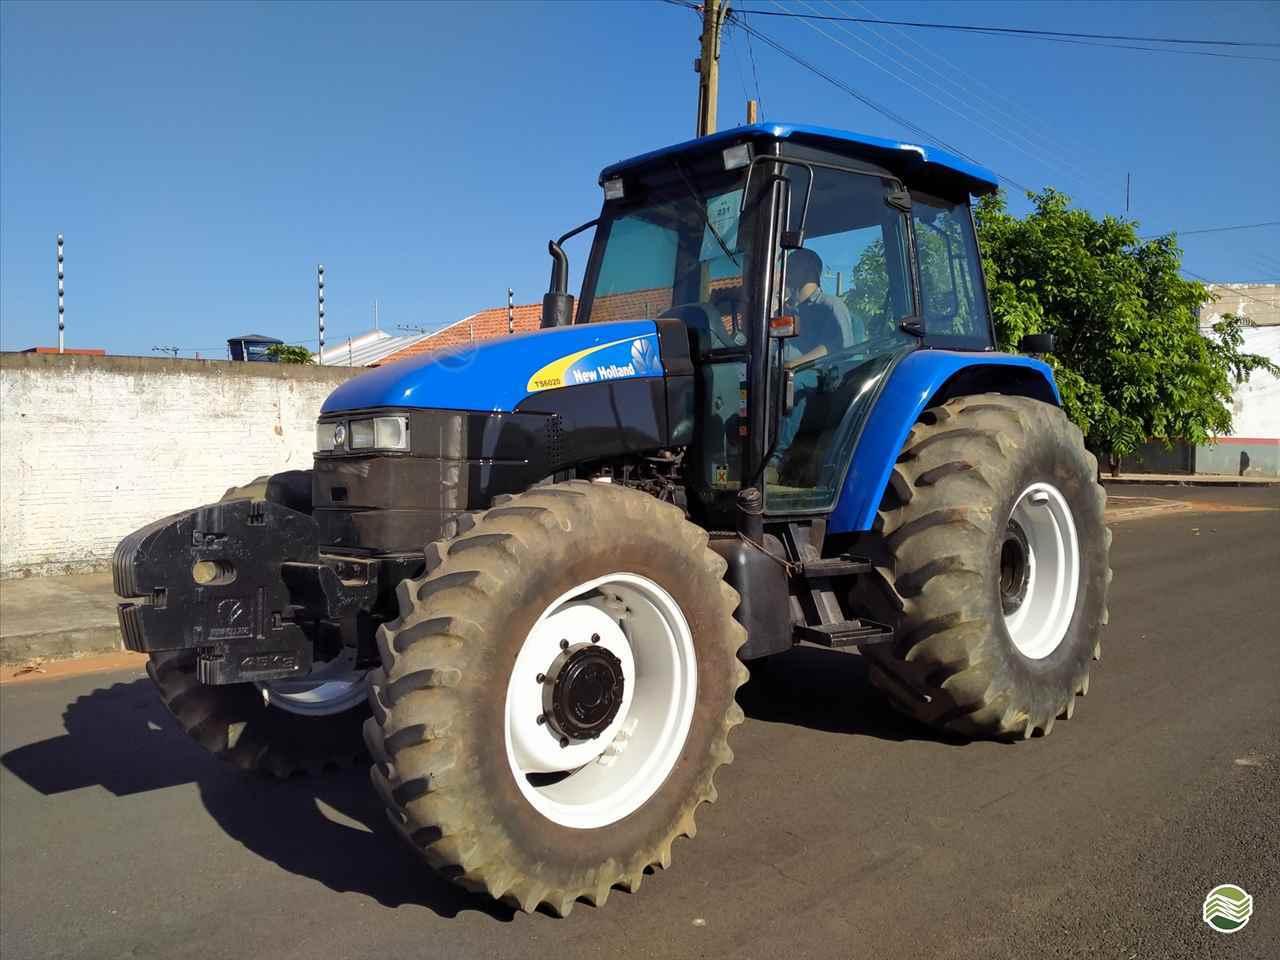 TRATOR NEW HOLLAND NEW TS 6020 Tração 4x4 Gomagril Máquinas Agrícolas TANGARA DA SERRA MATO GROSSO MT